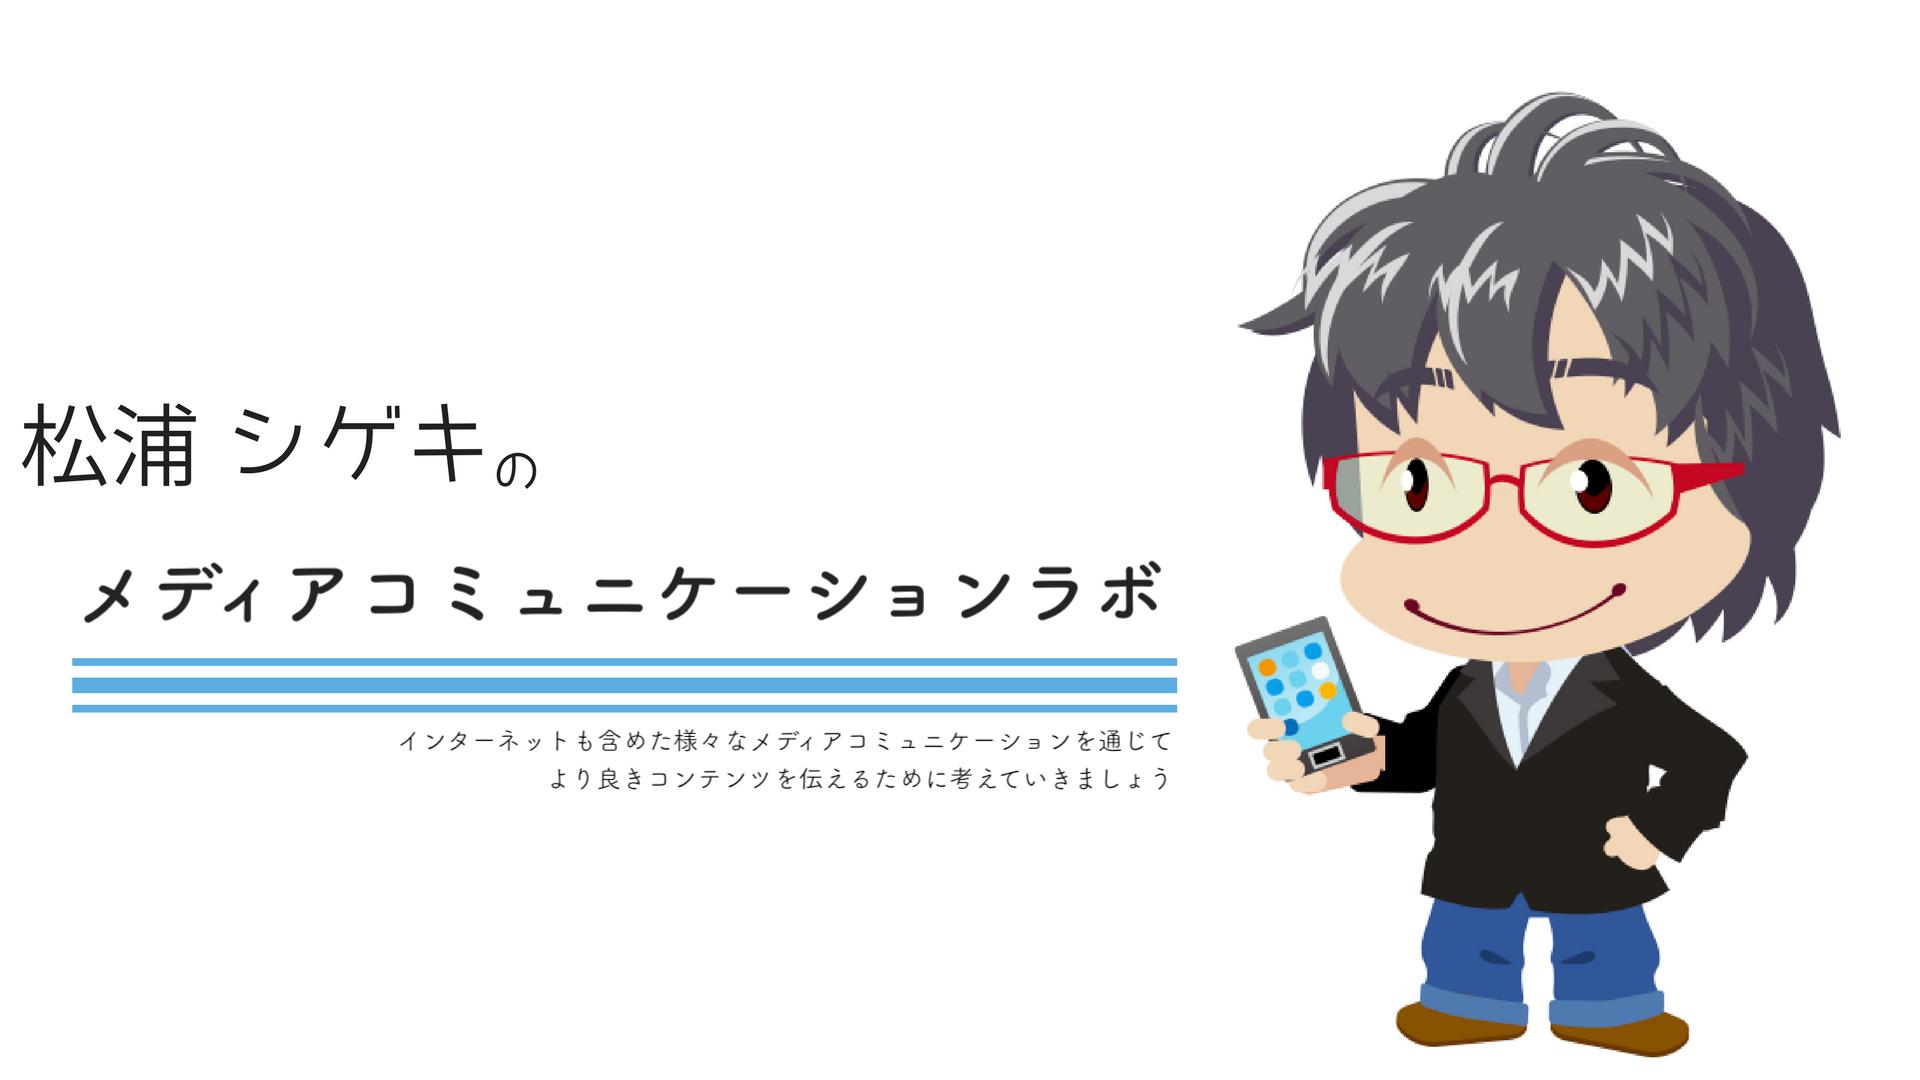 松浦シゲキの「メディアコミュニケーションラボ」